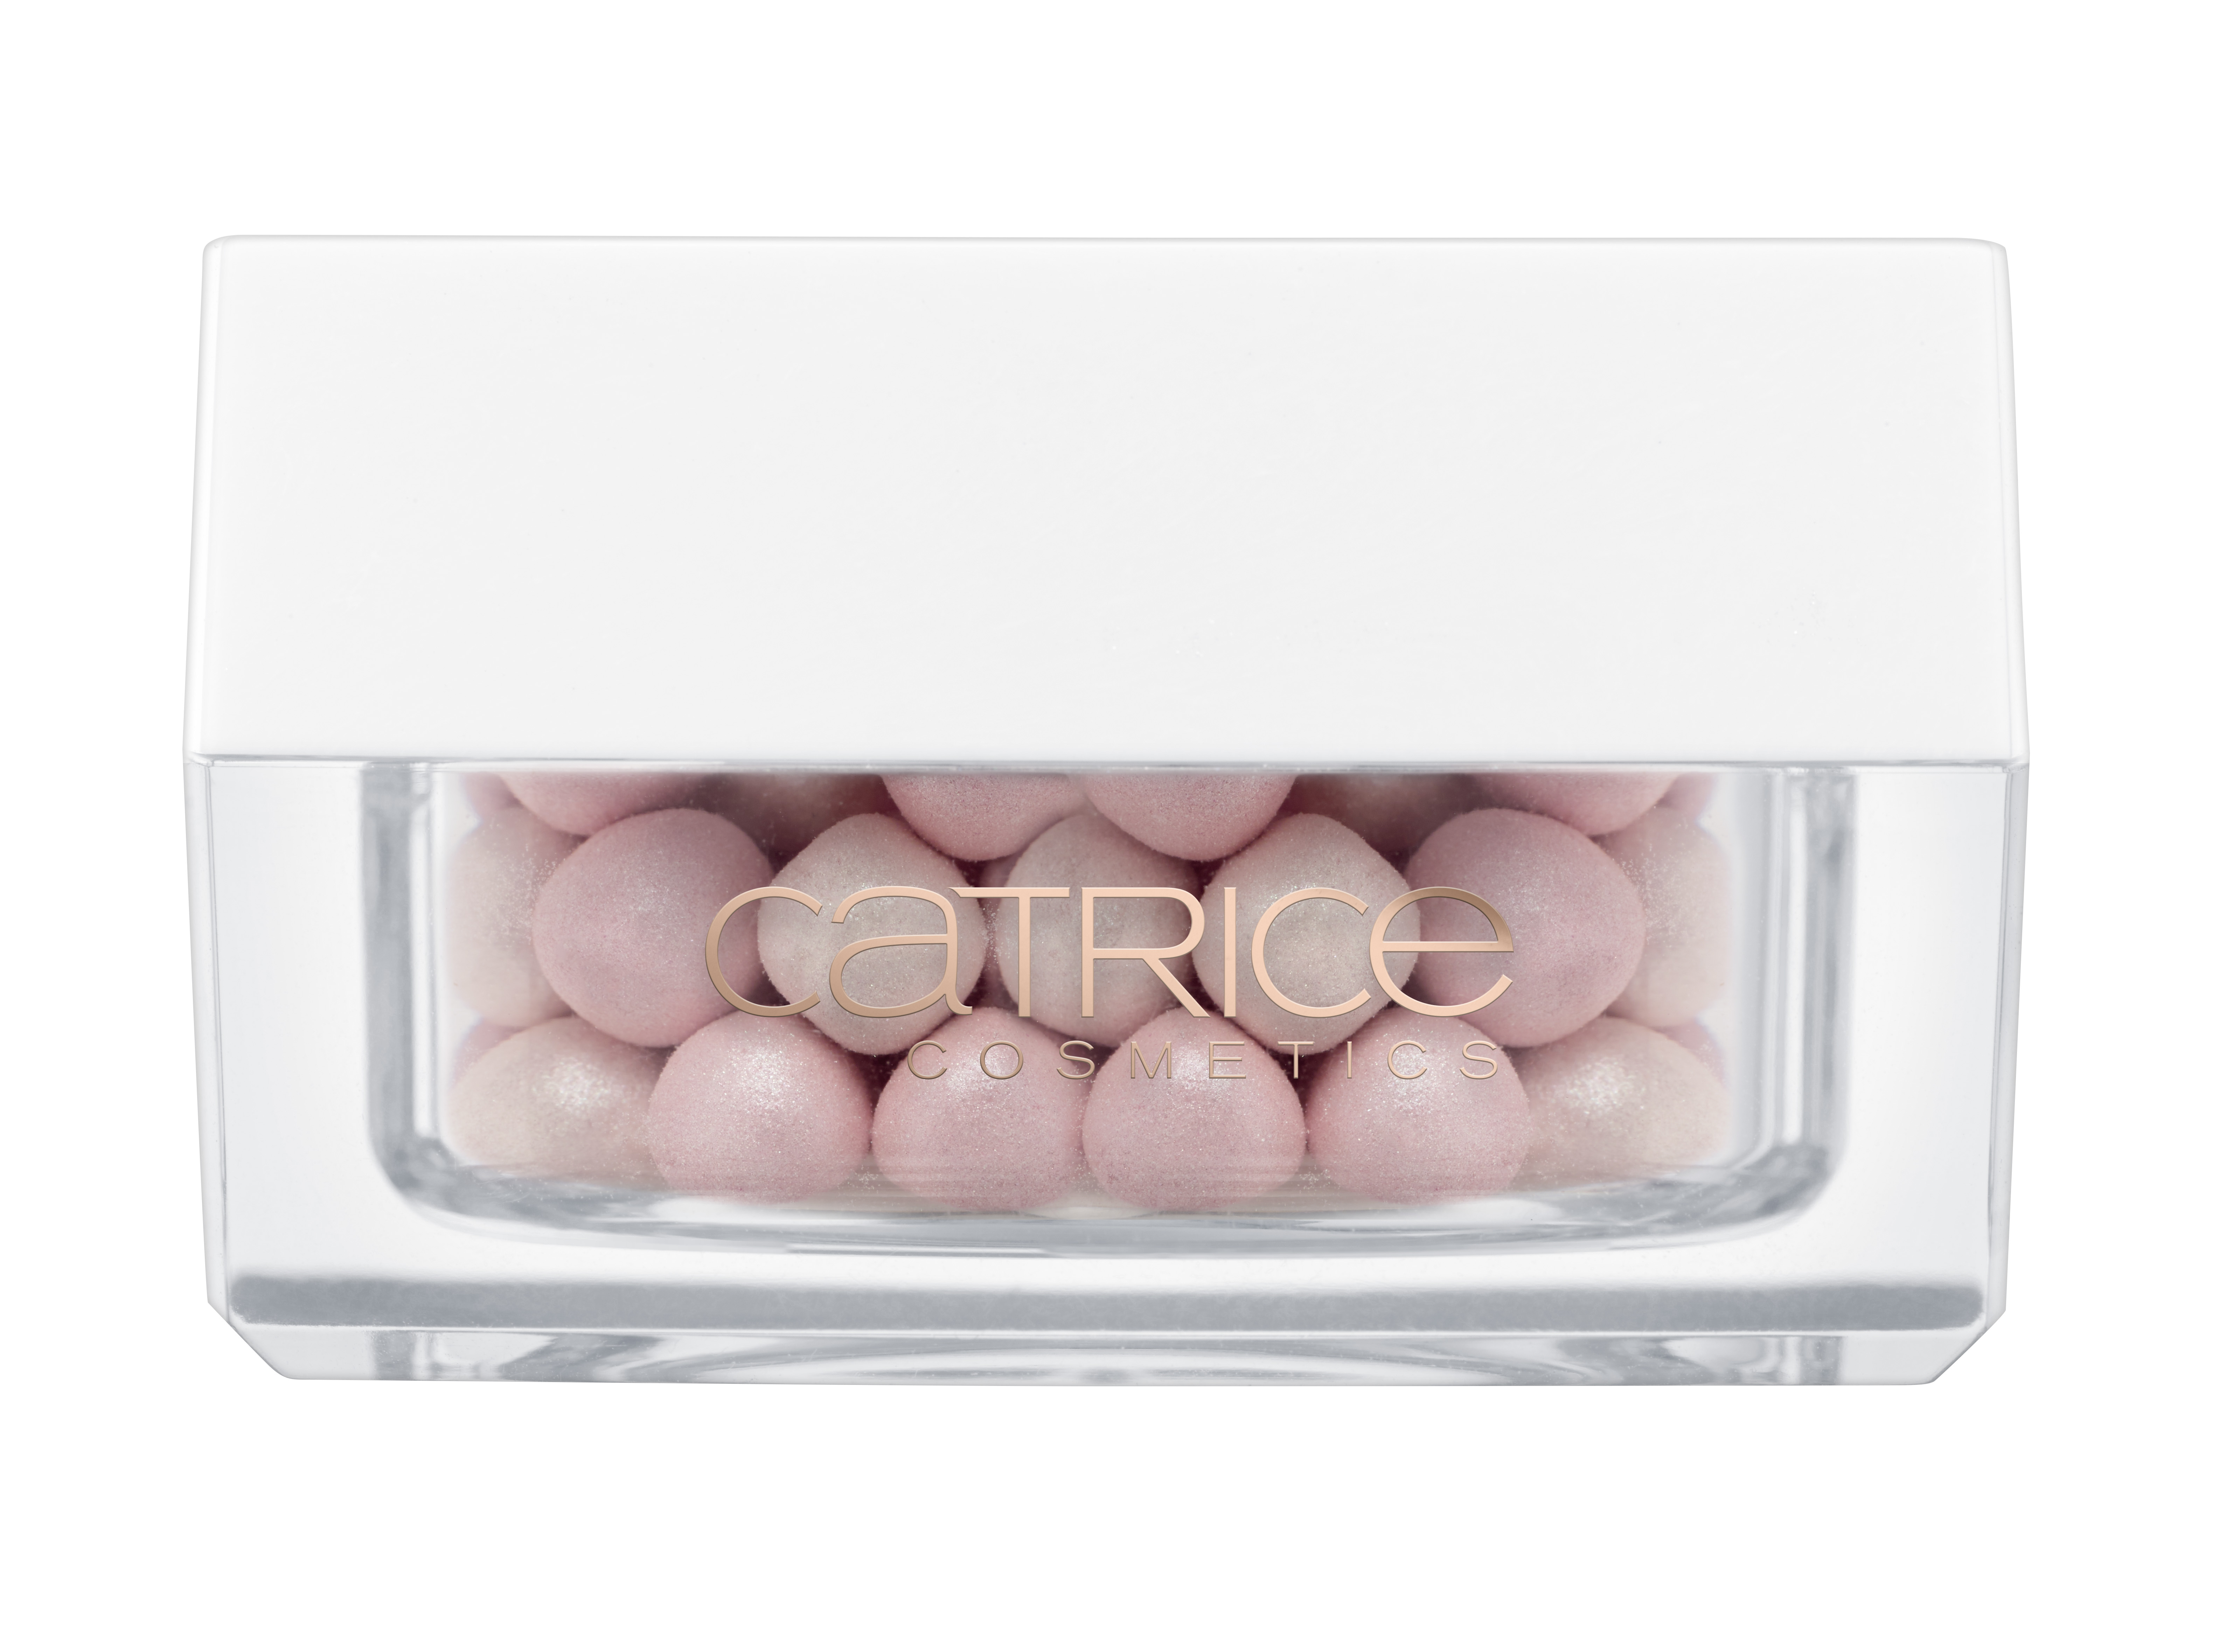 Catrice Marina Hoermanseder Highlighting Pearls C01 Crystal Skin